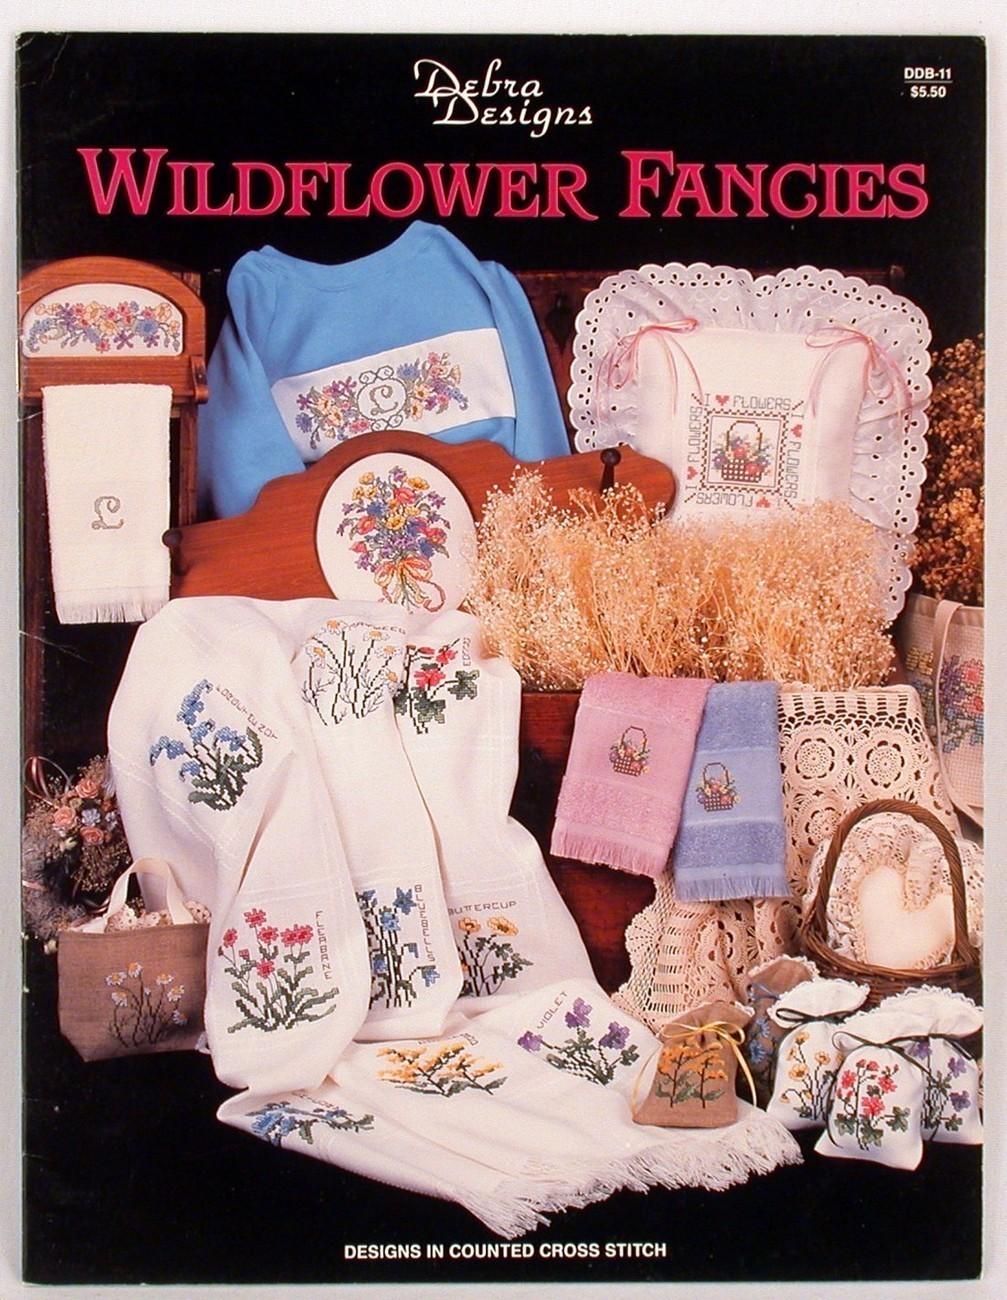 Cross stitch wildflower designs